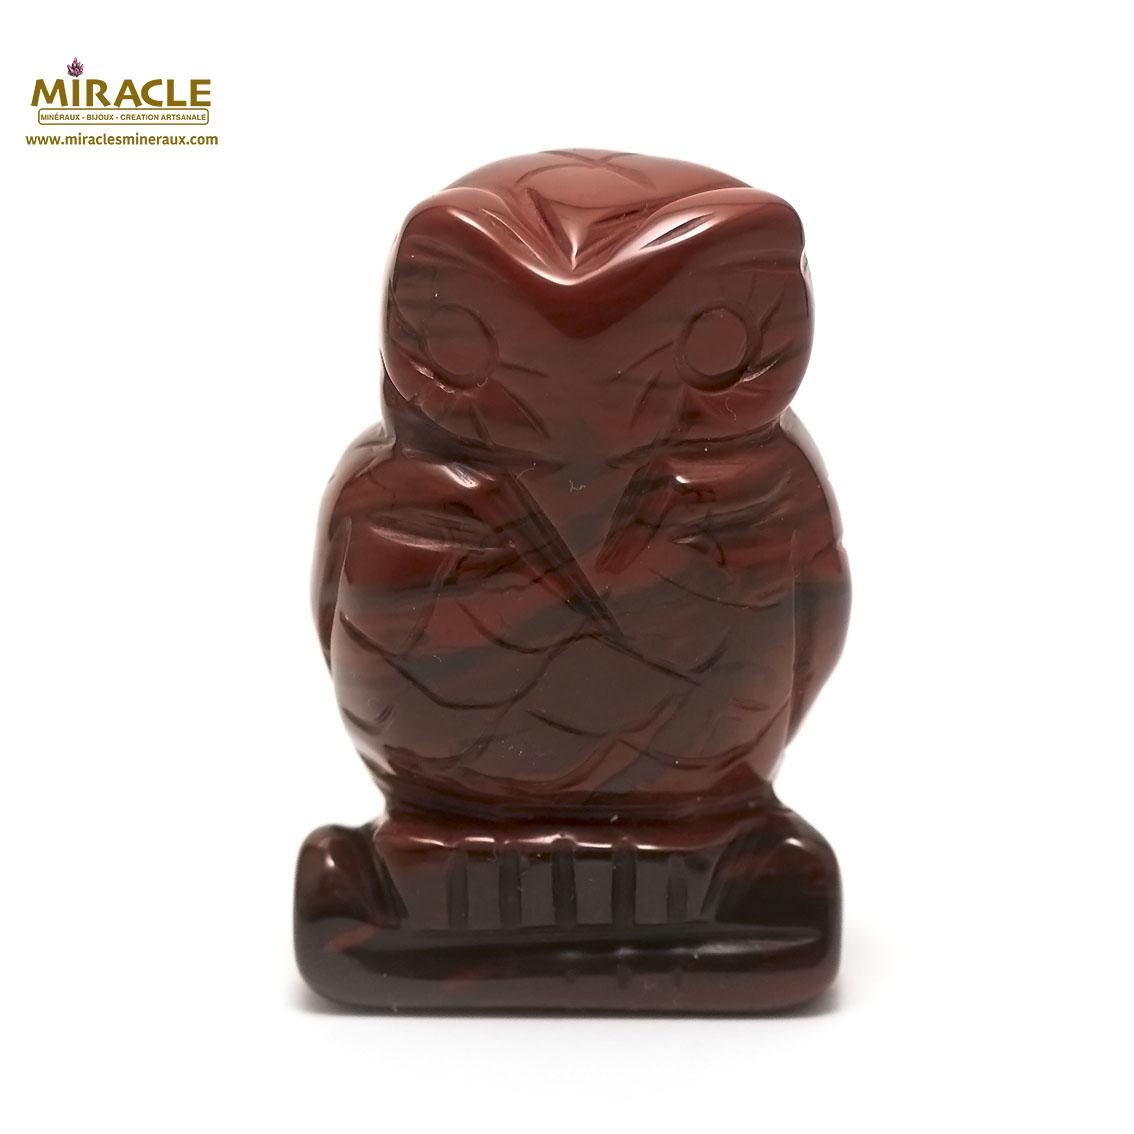 statuette minéraux chouette, pierre naturelle de jaspe mokaïte